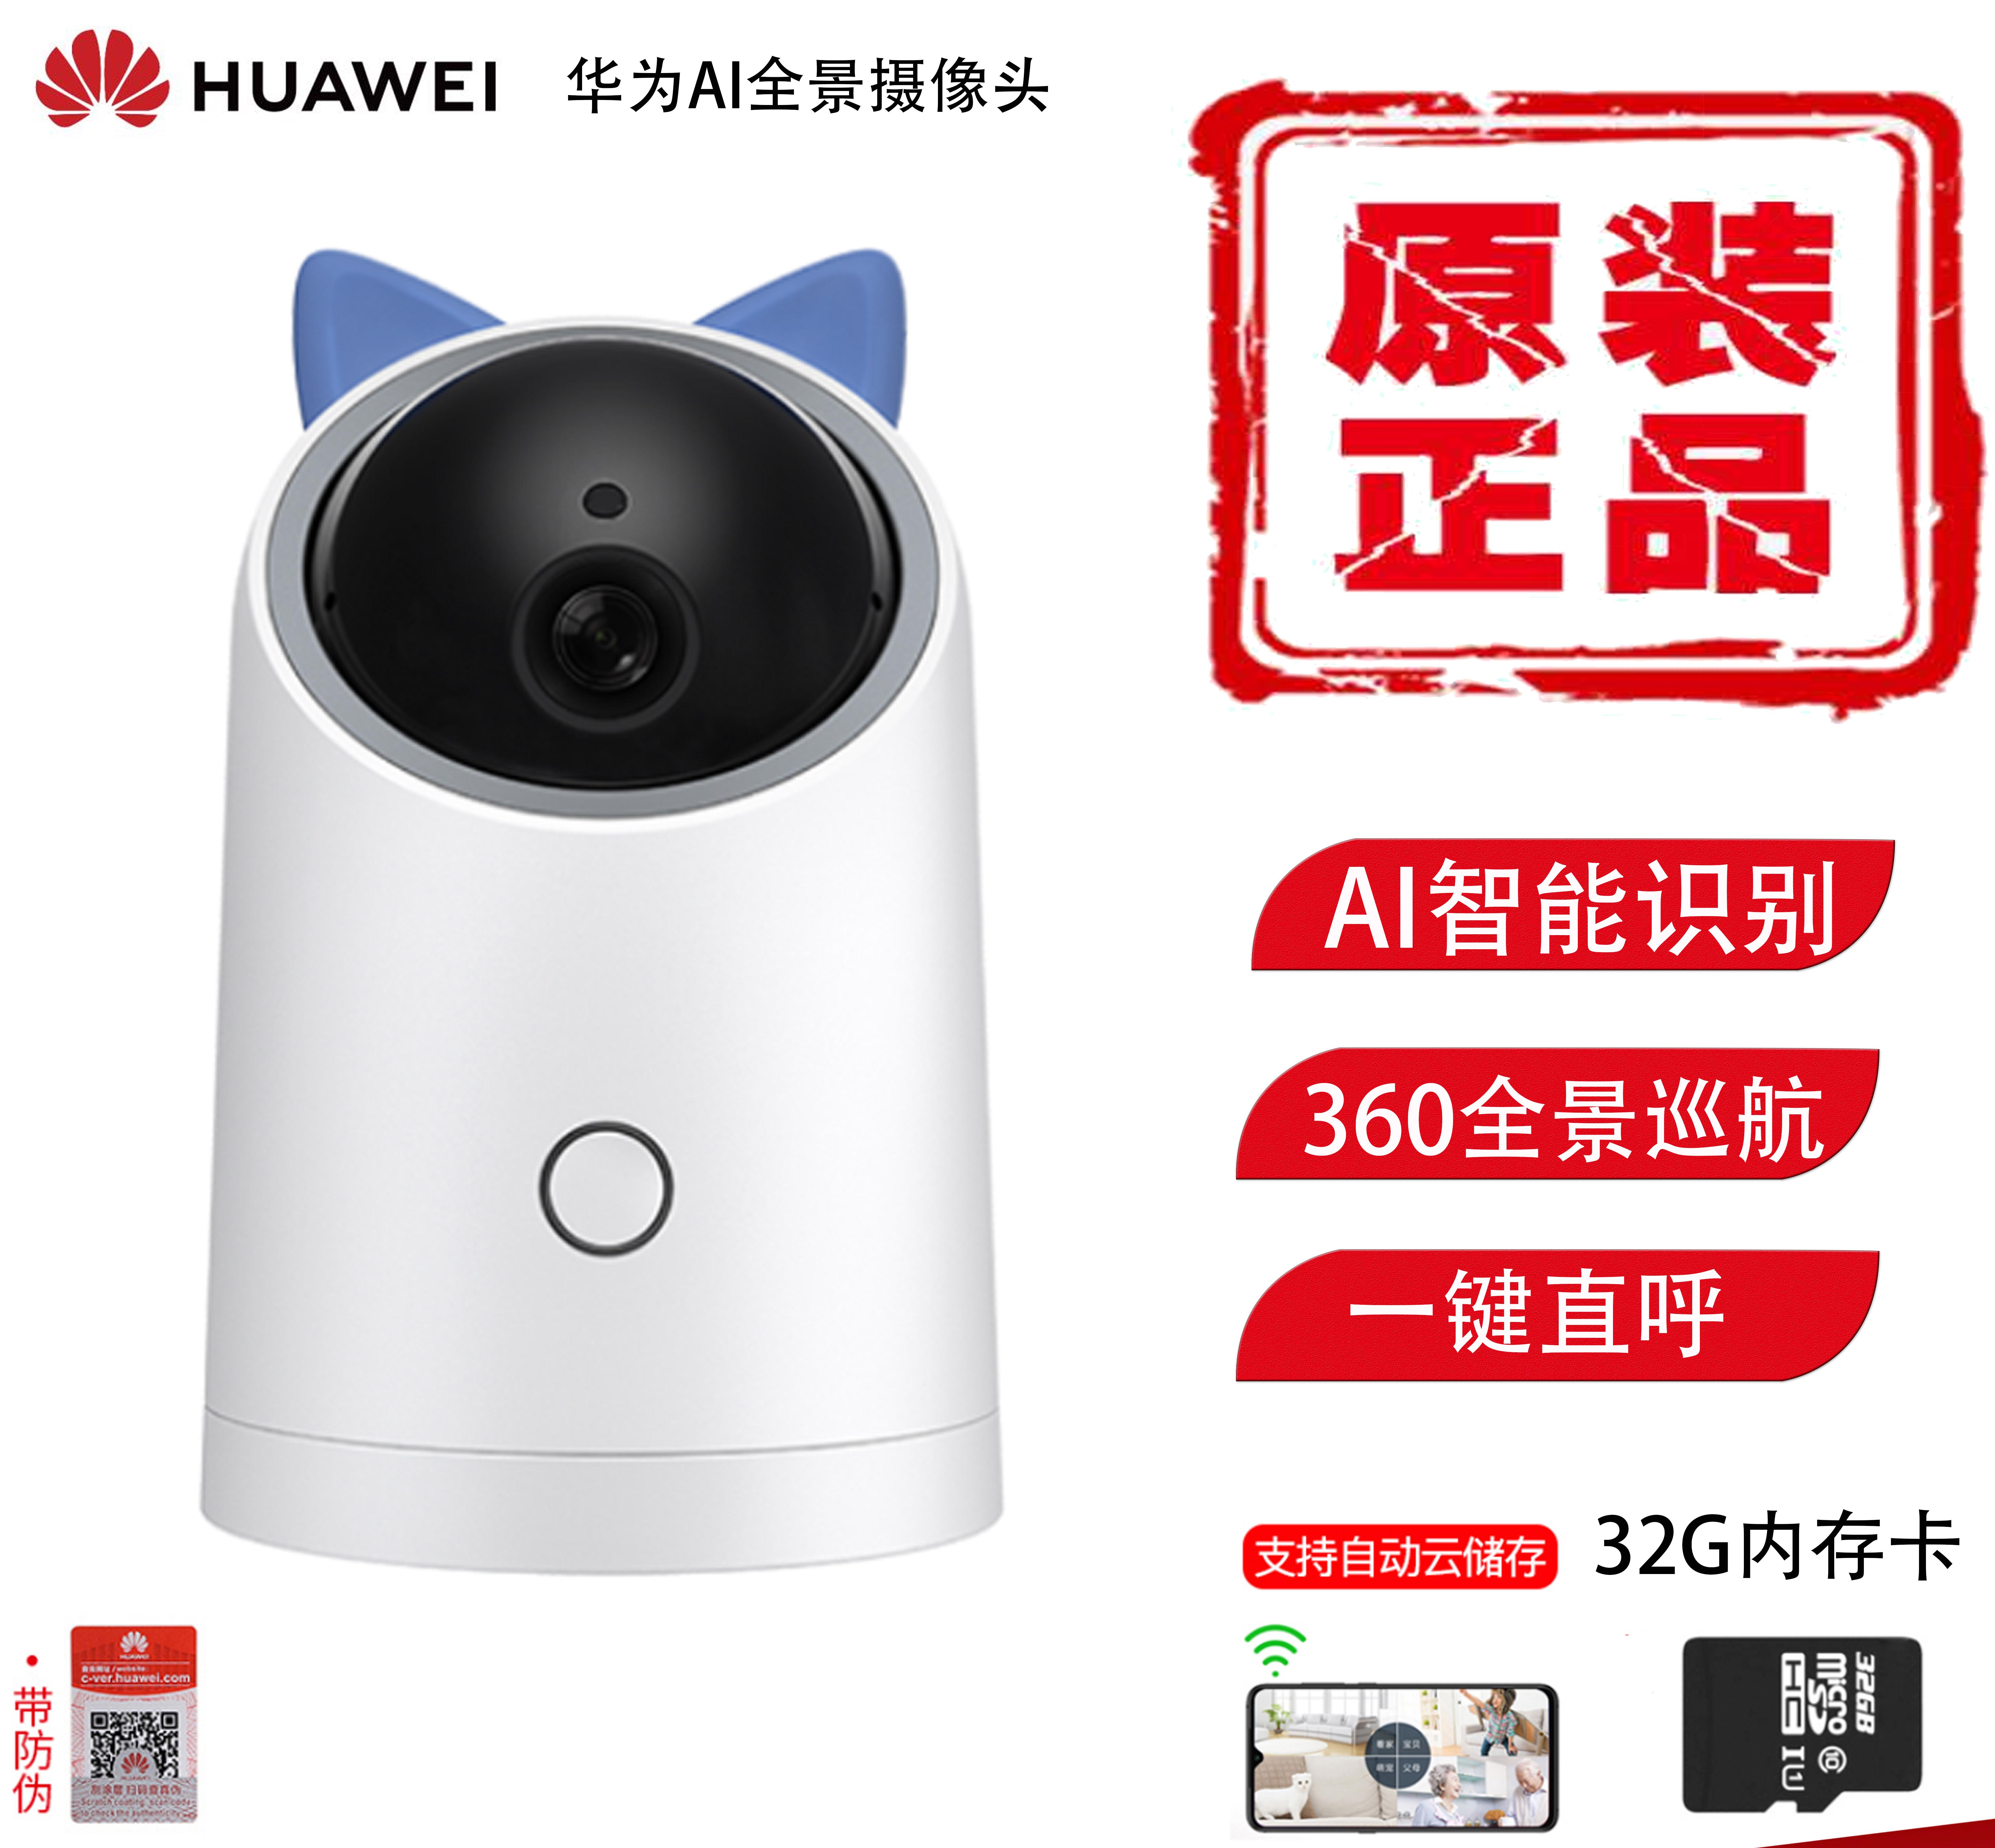 华为摄像机1080p海雀AI智能全景360度家庭视频相机云台监控摄像头